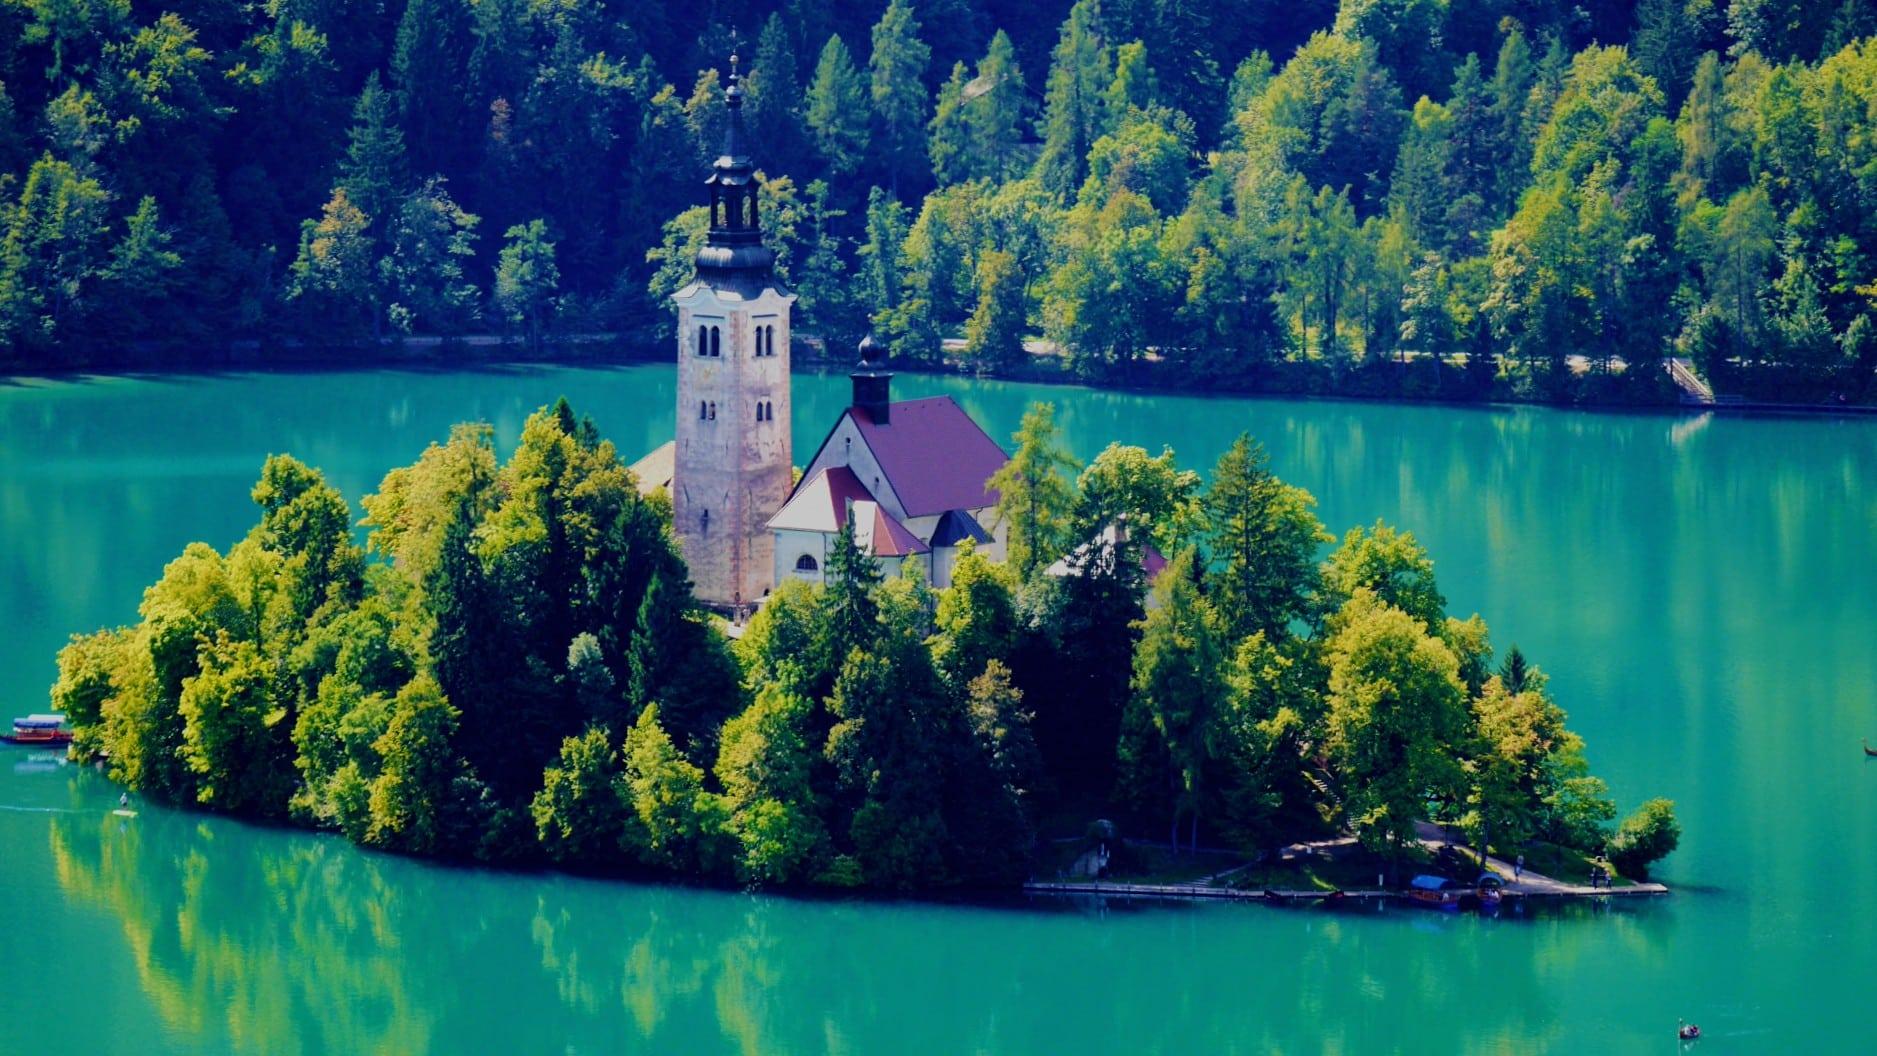 Dónde dormir en Bled, Eslovenia - Mejores zonas y hoteles